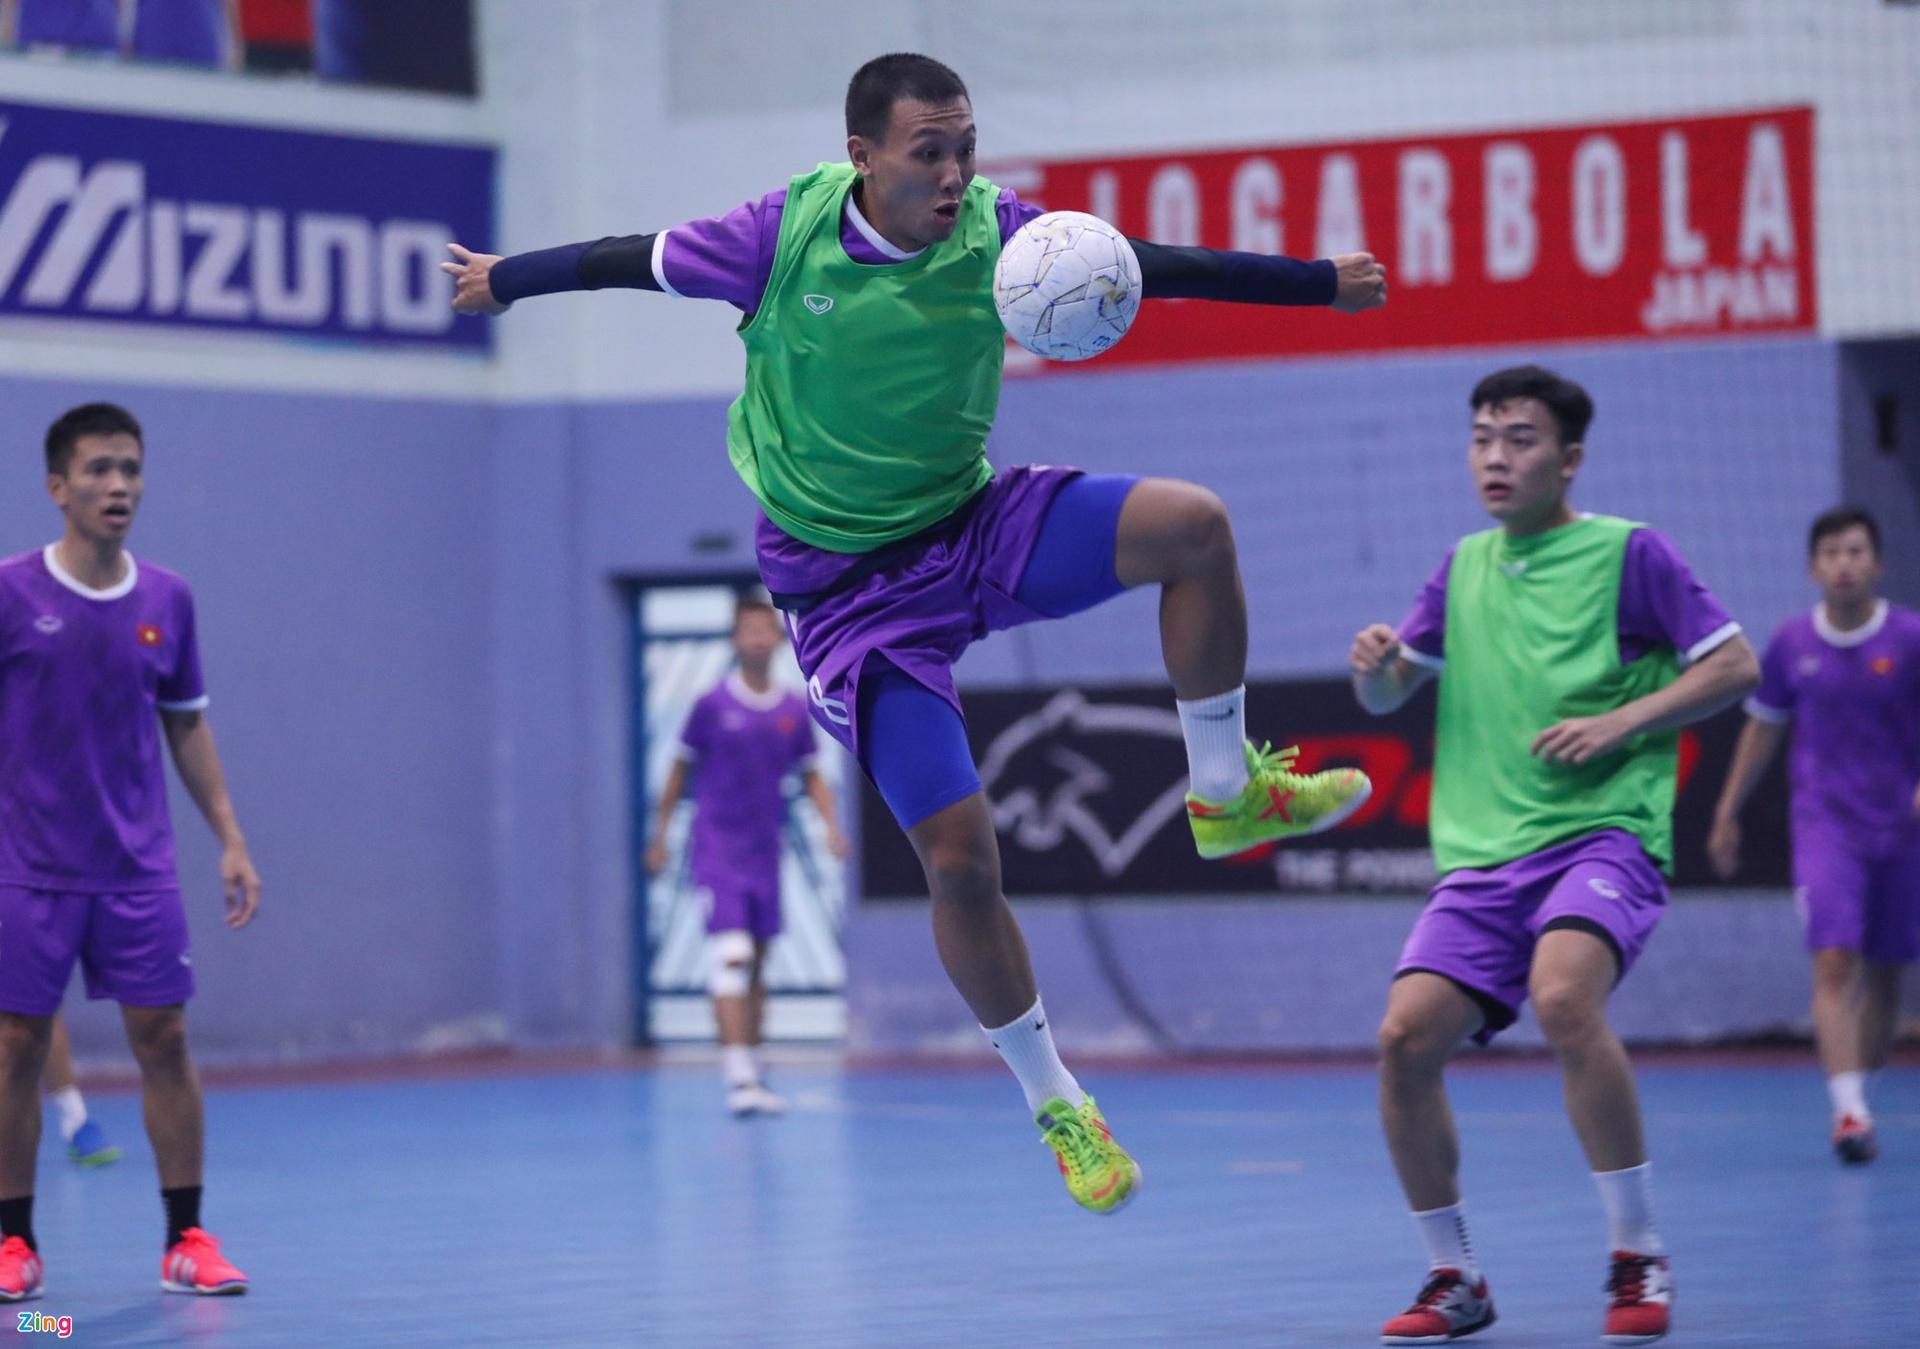 Tuyển futsal Việt Nam thay đổi nhân sự dự World Cup - ảnh 4